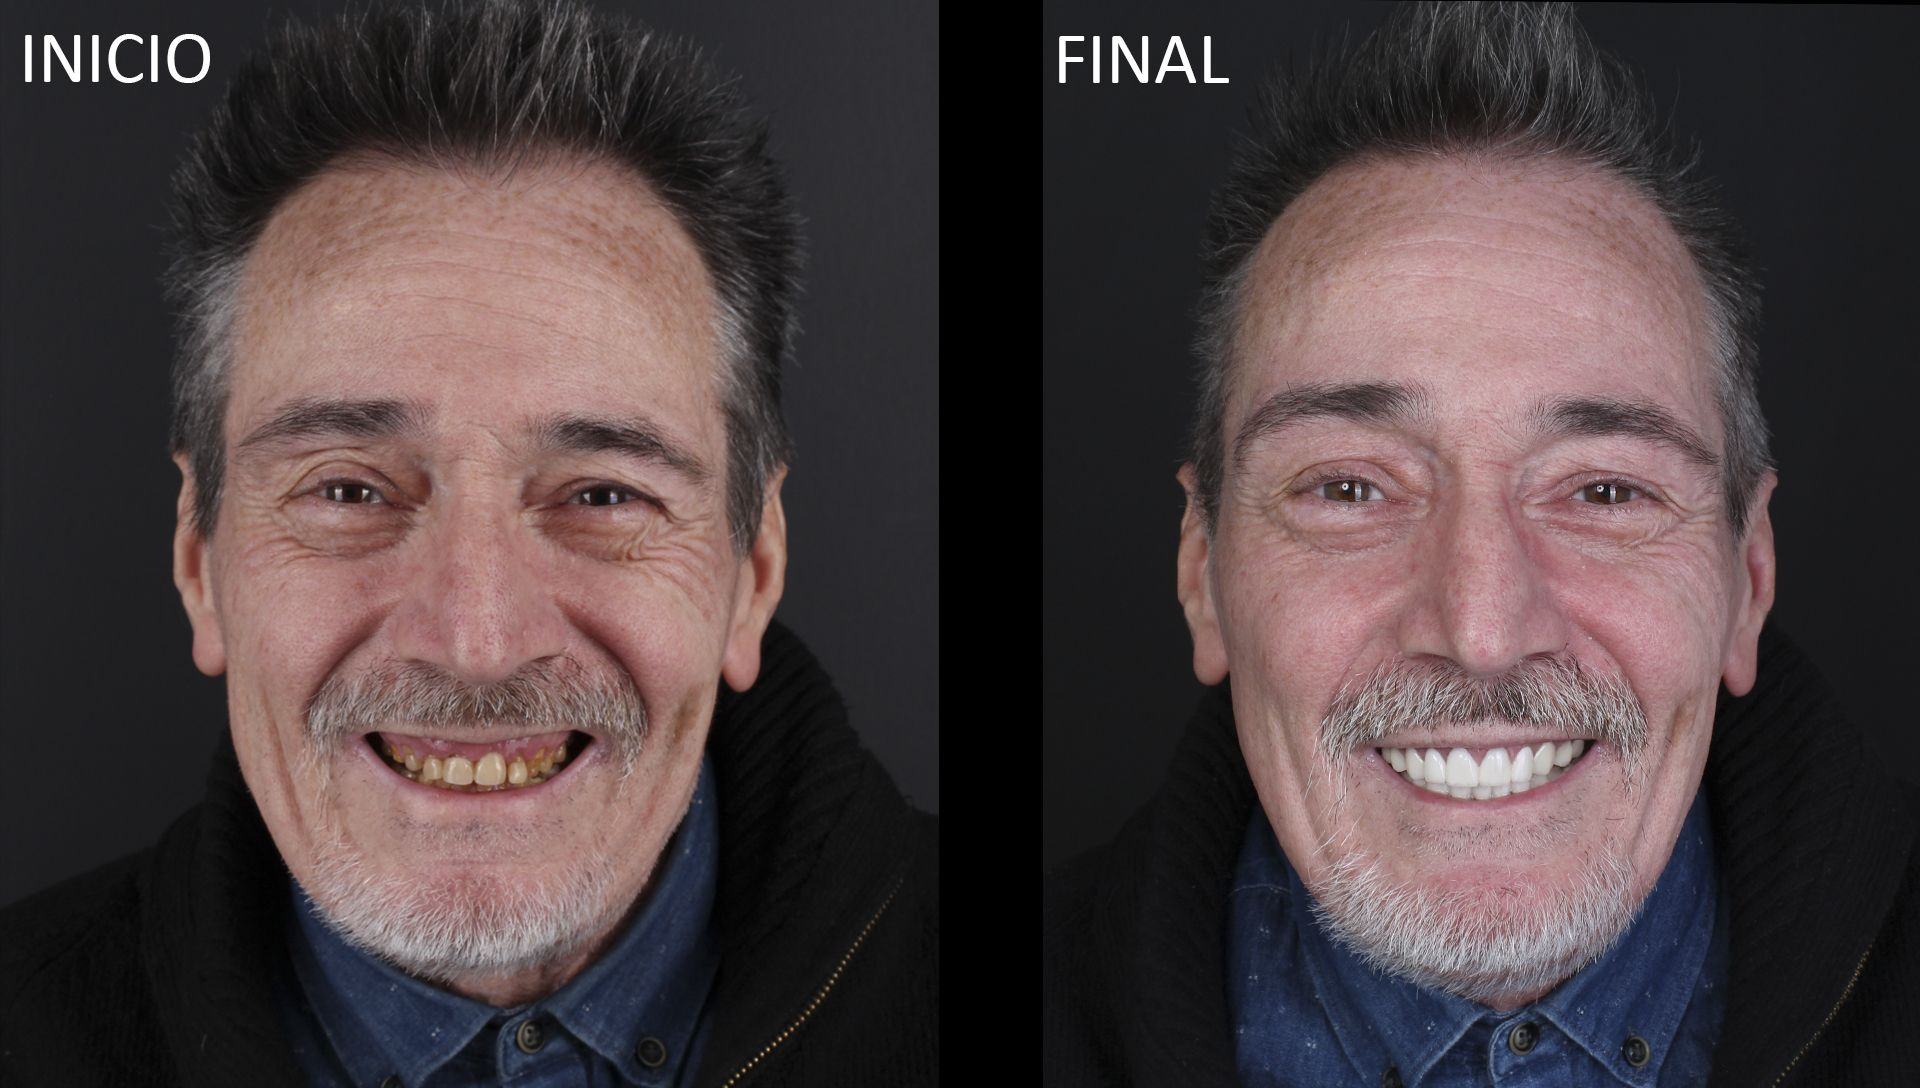 Abans i després del tractament de pròtesis dentals